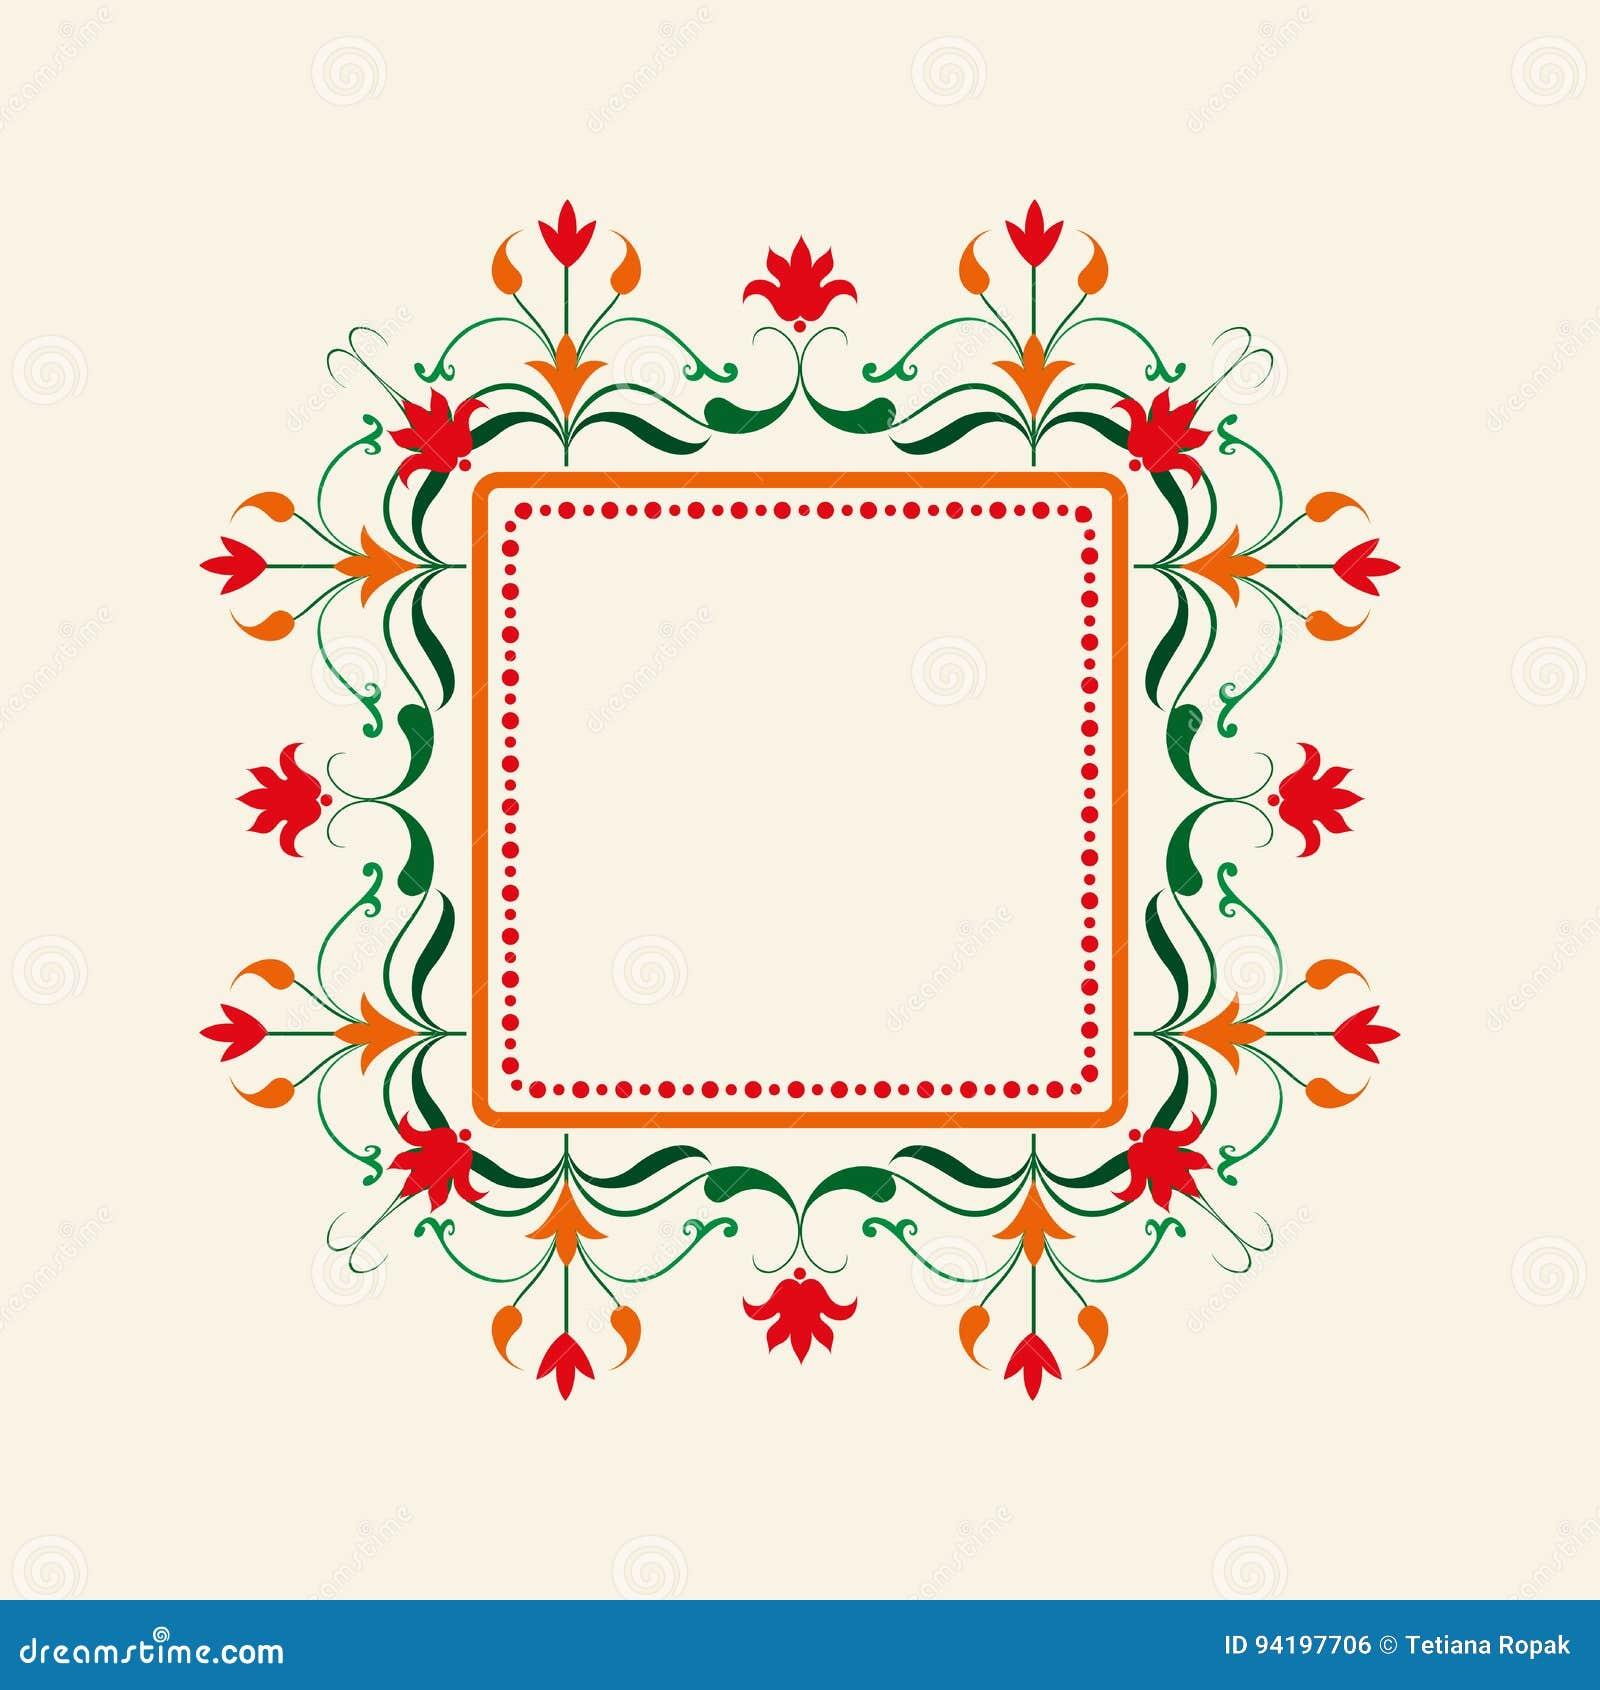 floral bordervector decorative frame elegant element for